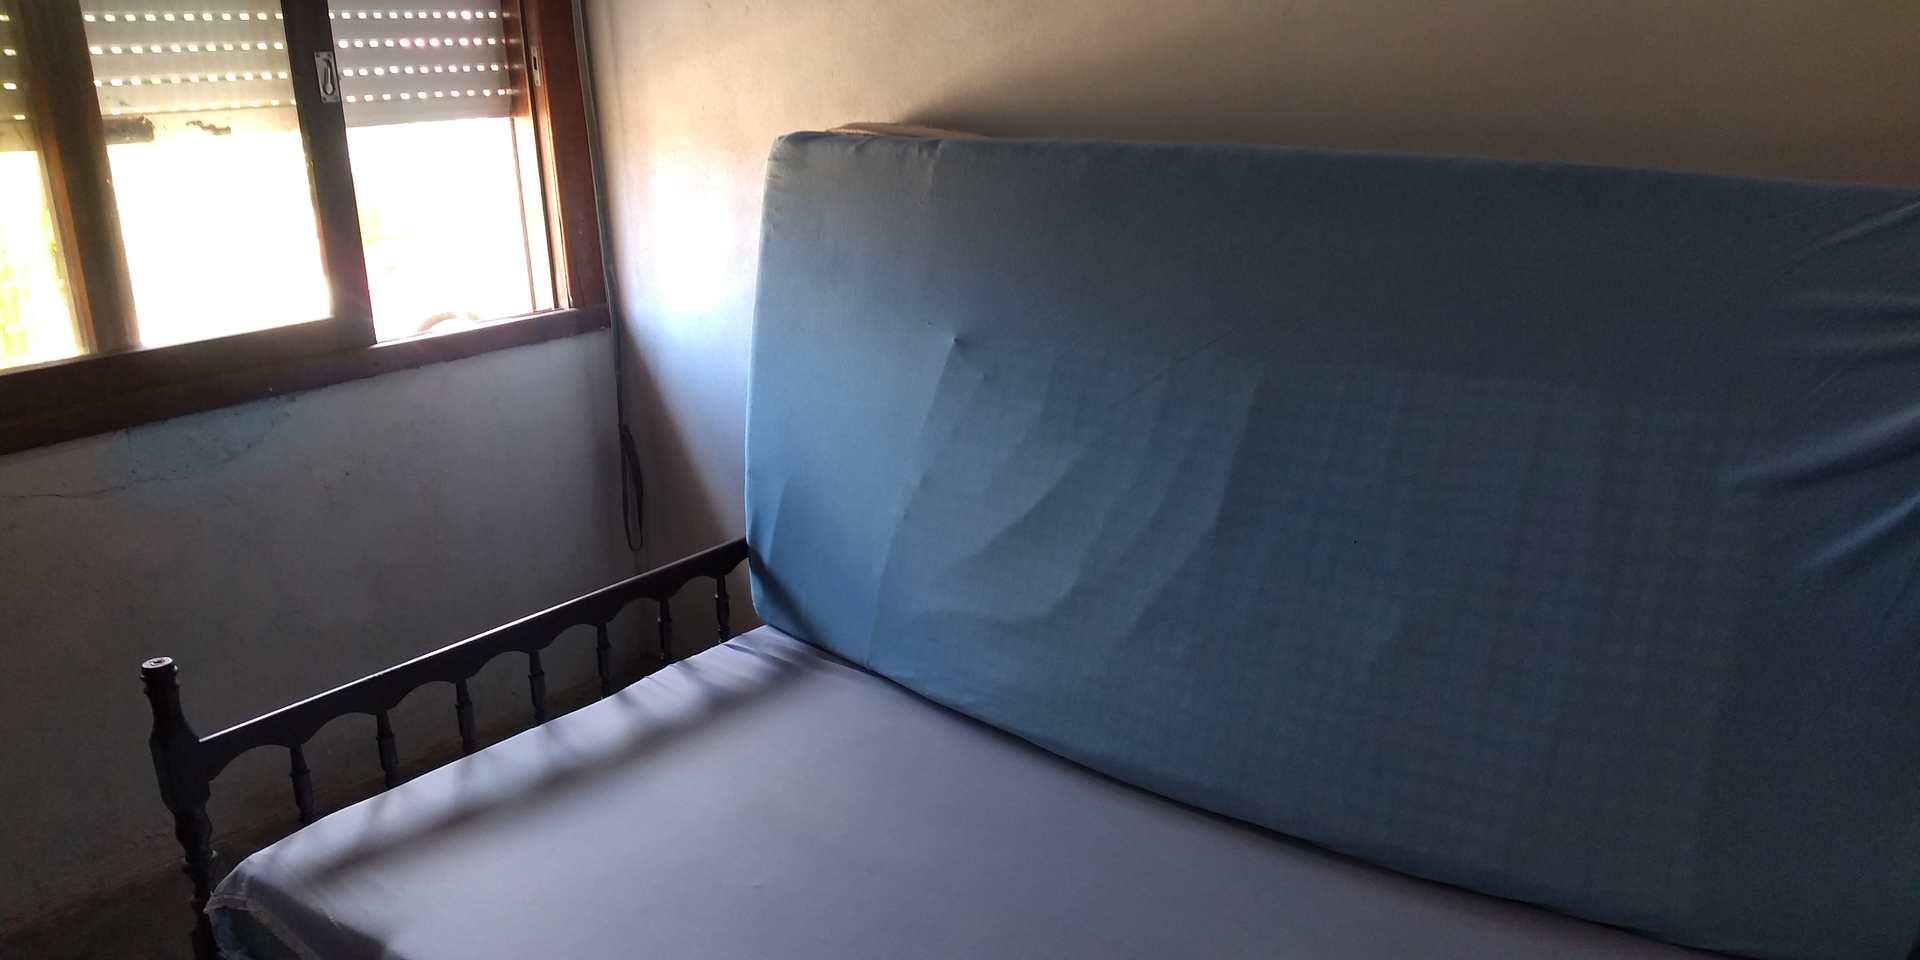 Casa 1 dorm. Próx. Mar e Avenida + Internet (Aluga: Mar-Dez)